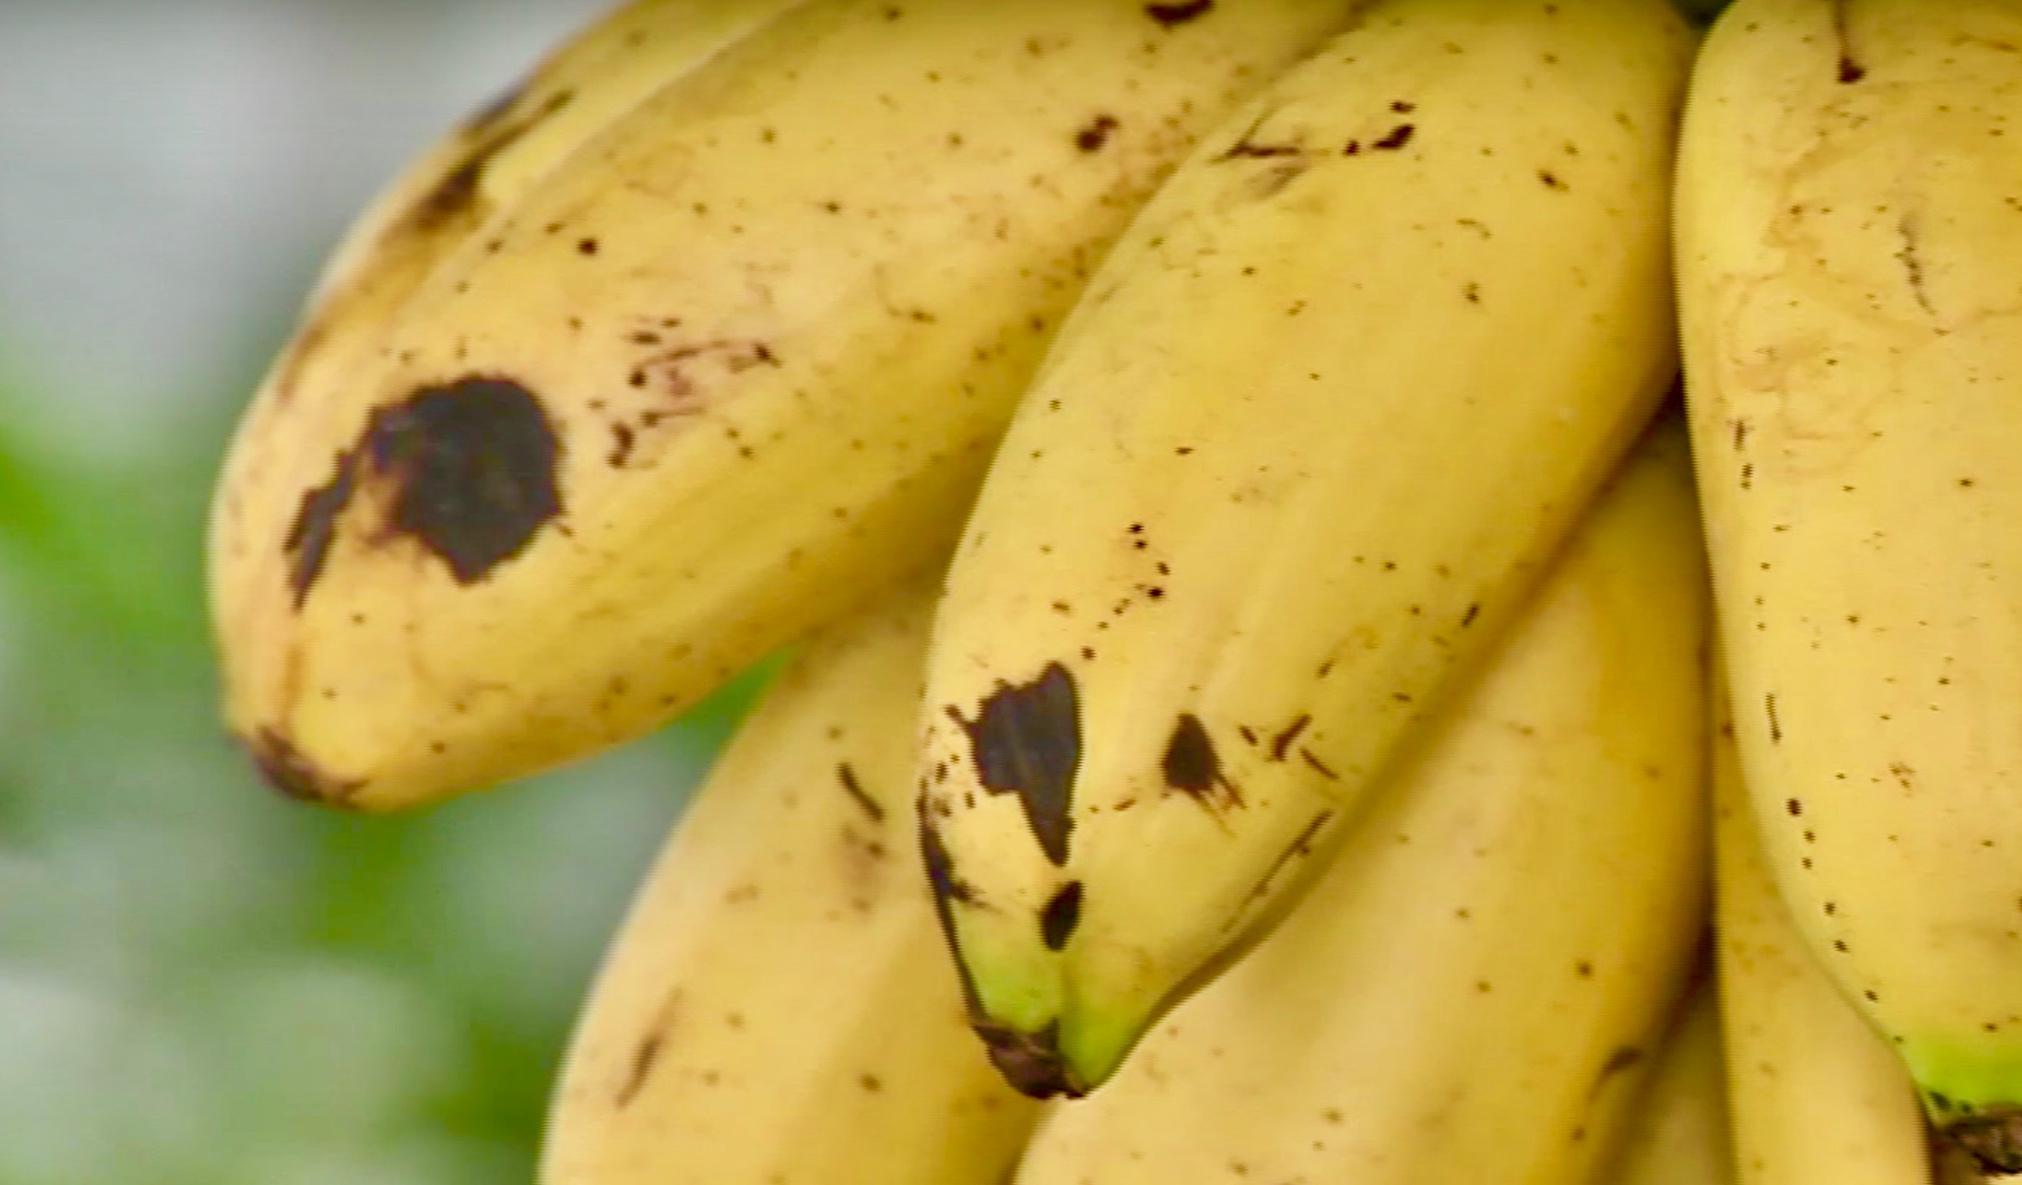 Plátano Manzano: La agridulce fruta en peligro de extinción